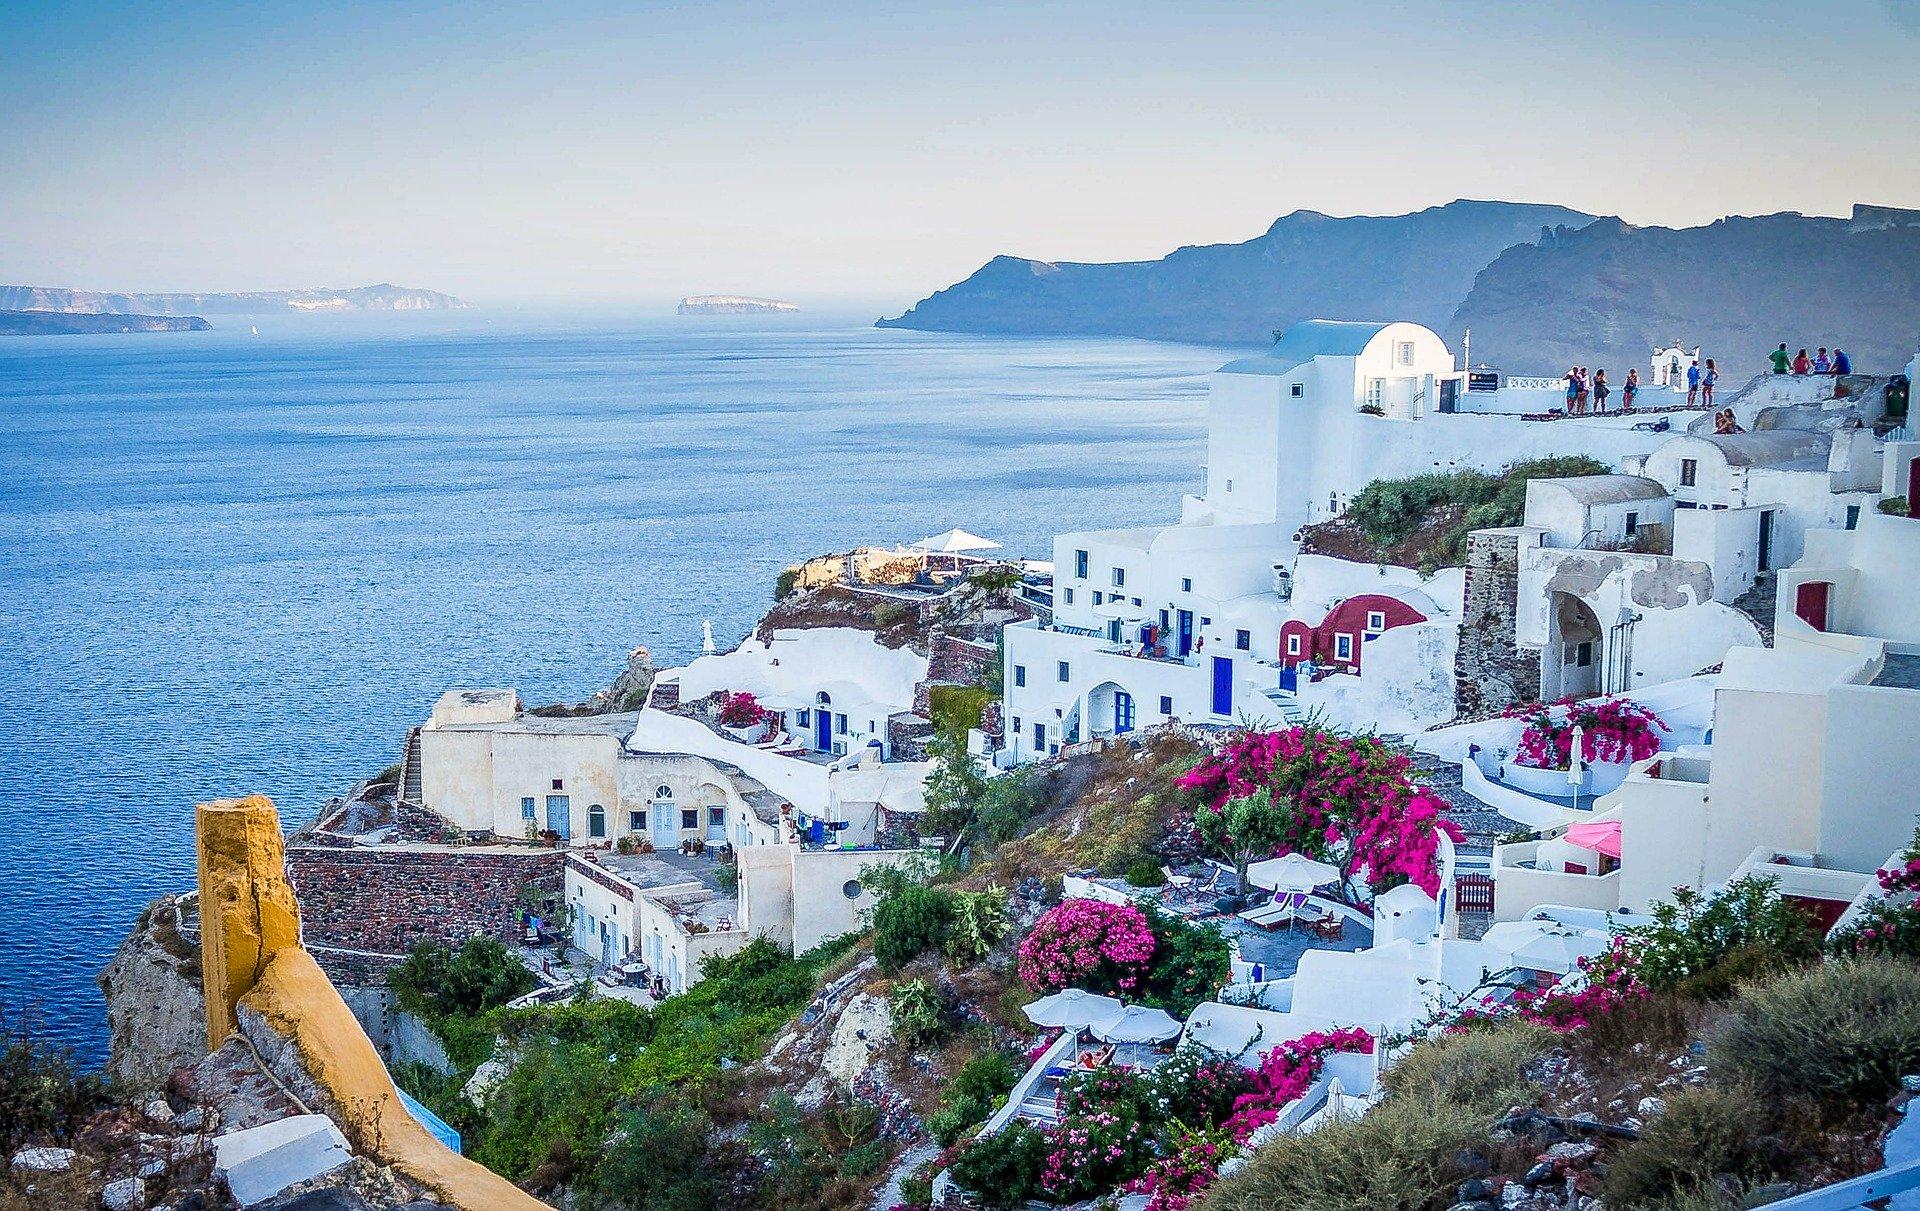 Sprachreise nach Griechenland: Empfehlungen & Vergleich (11/20)